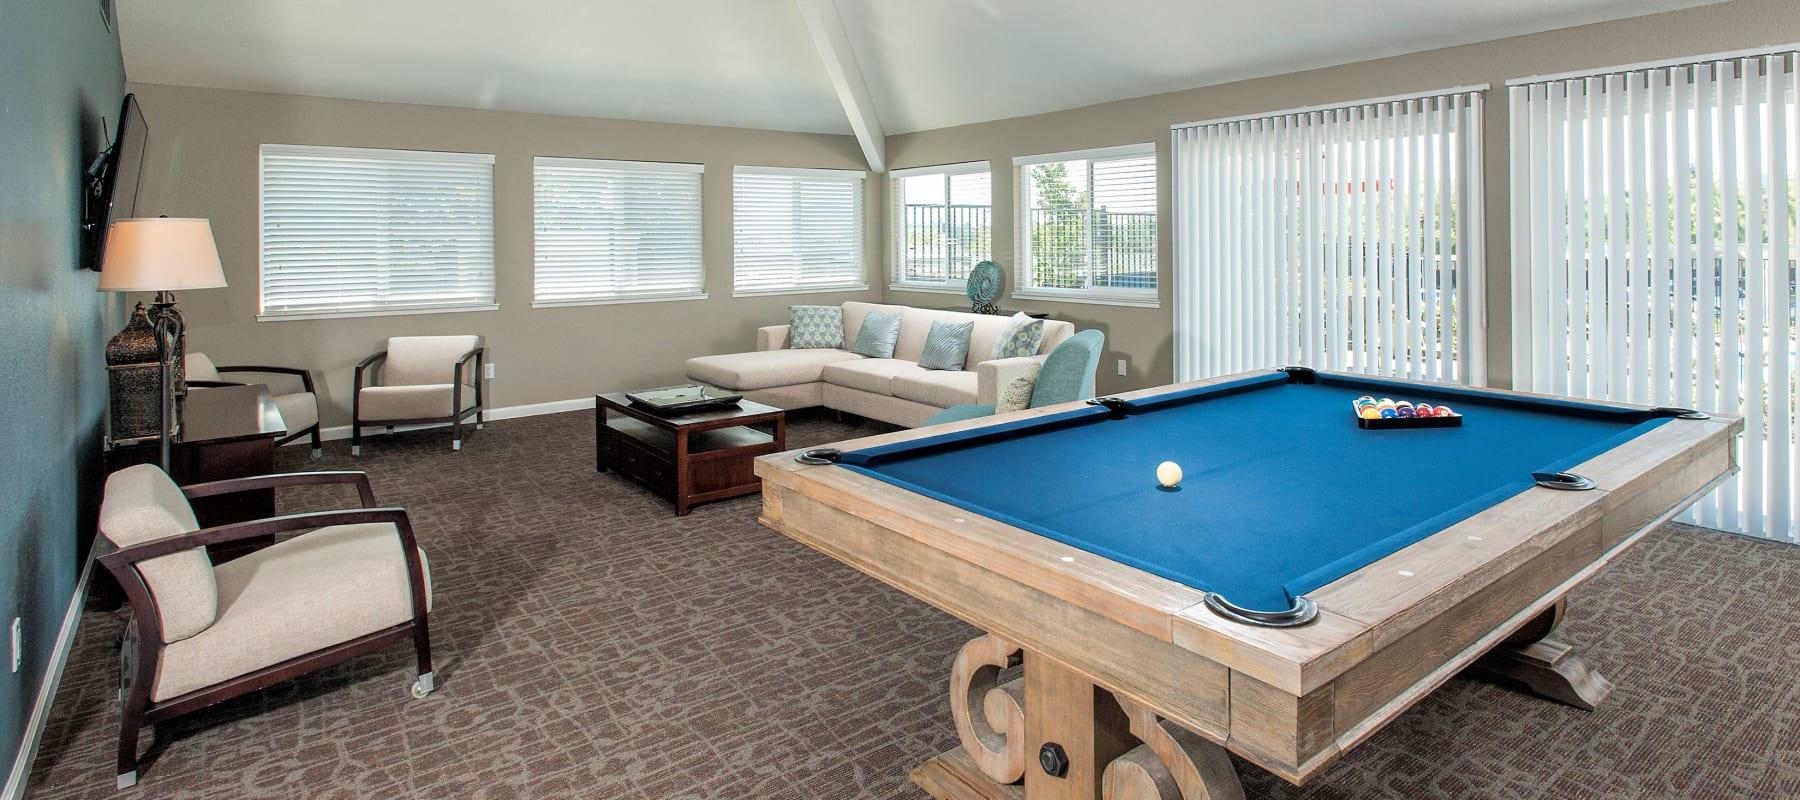 Billiards at Ridgecrest Apartment Homes in Martinez, CA